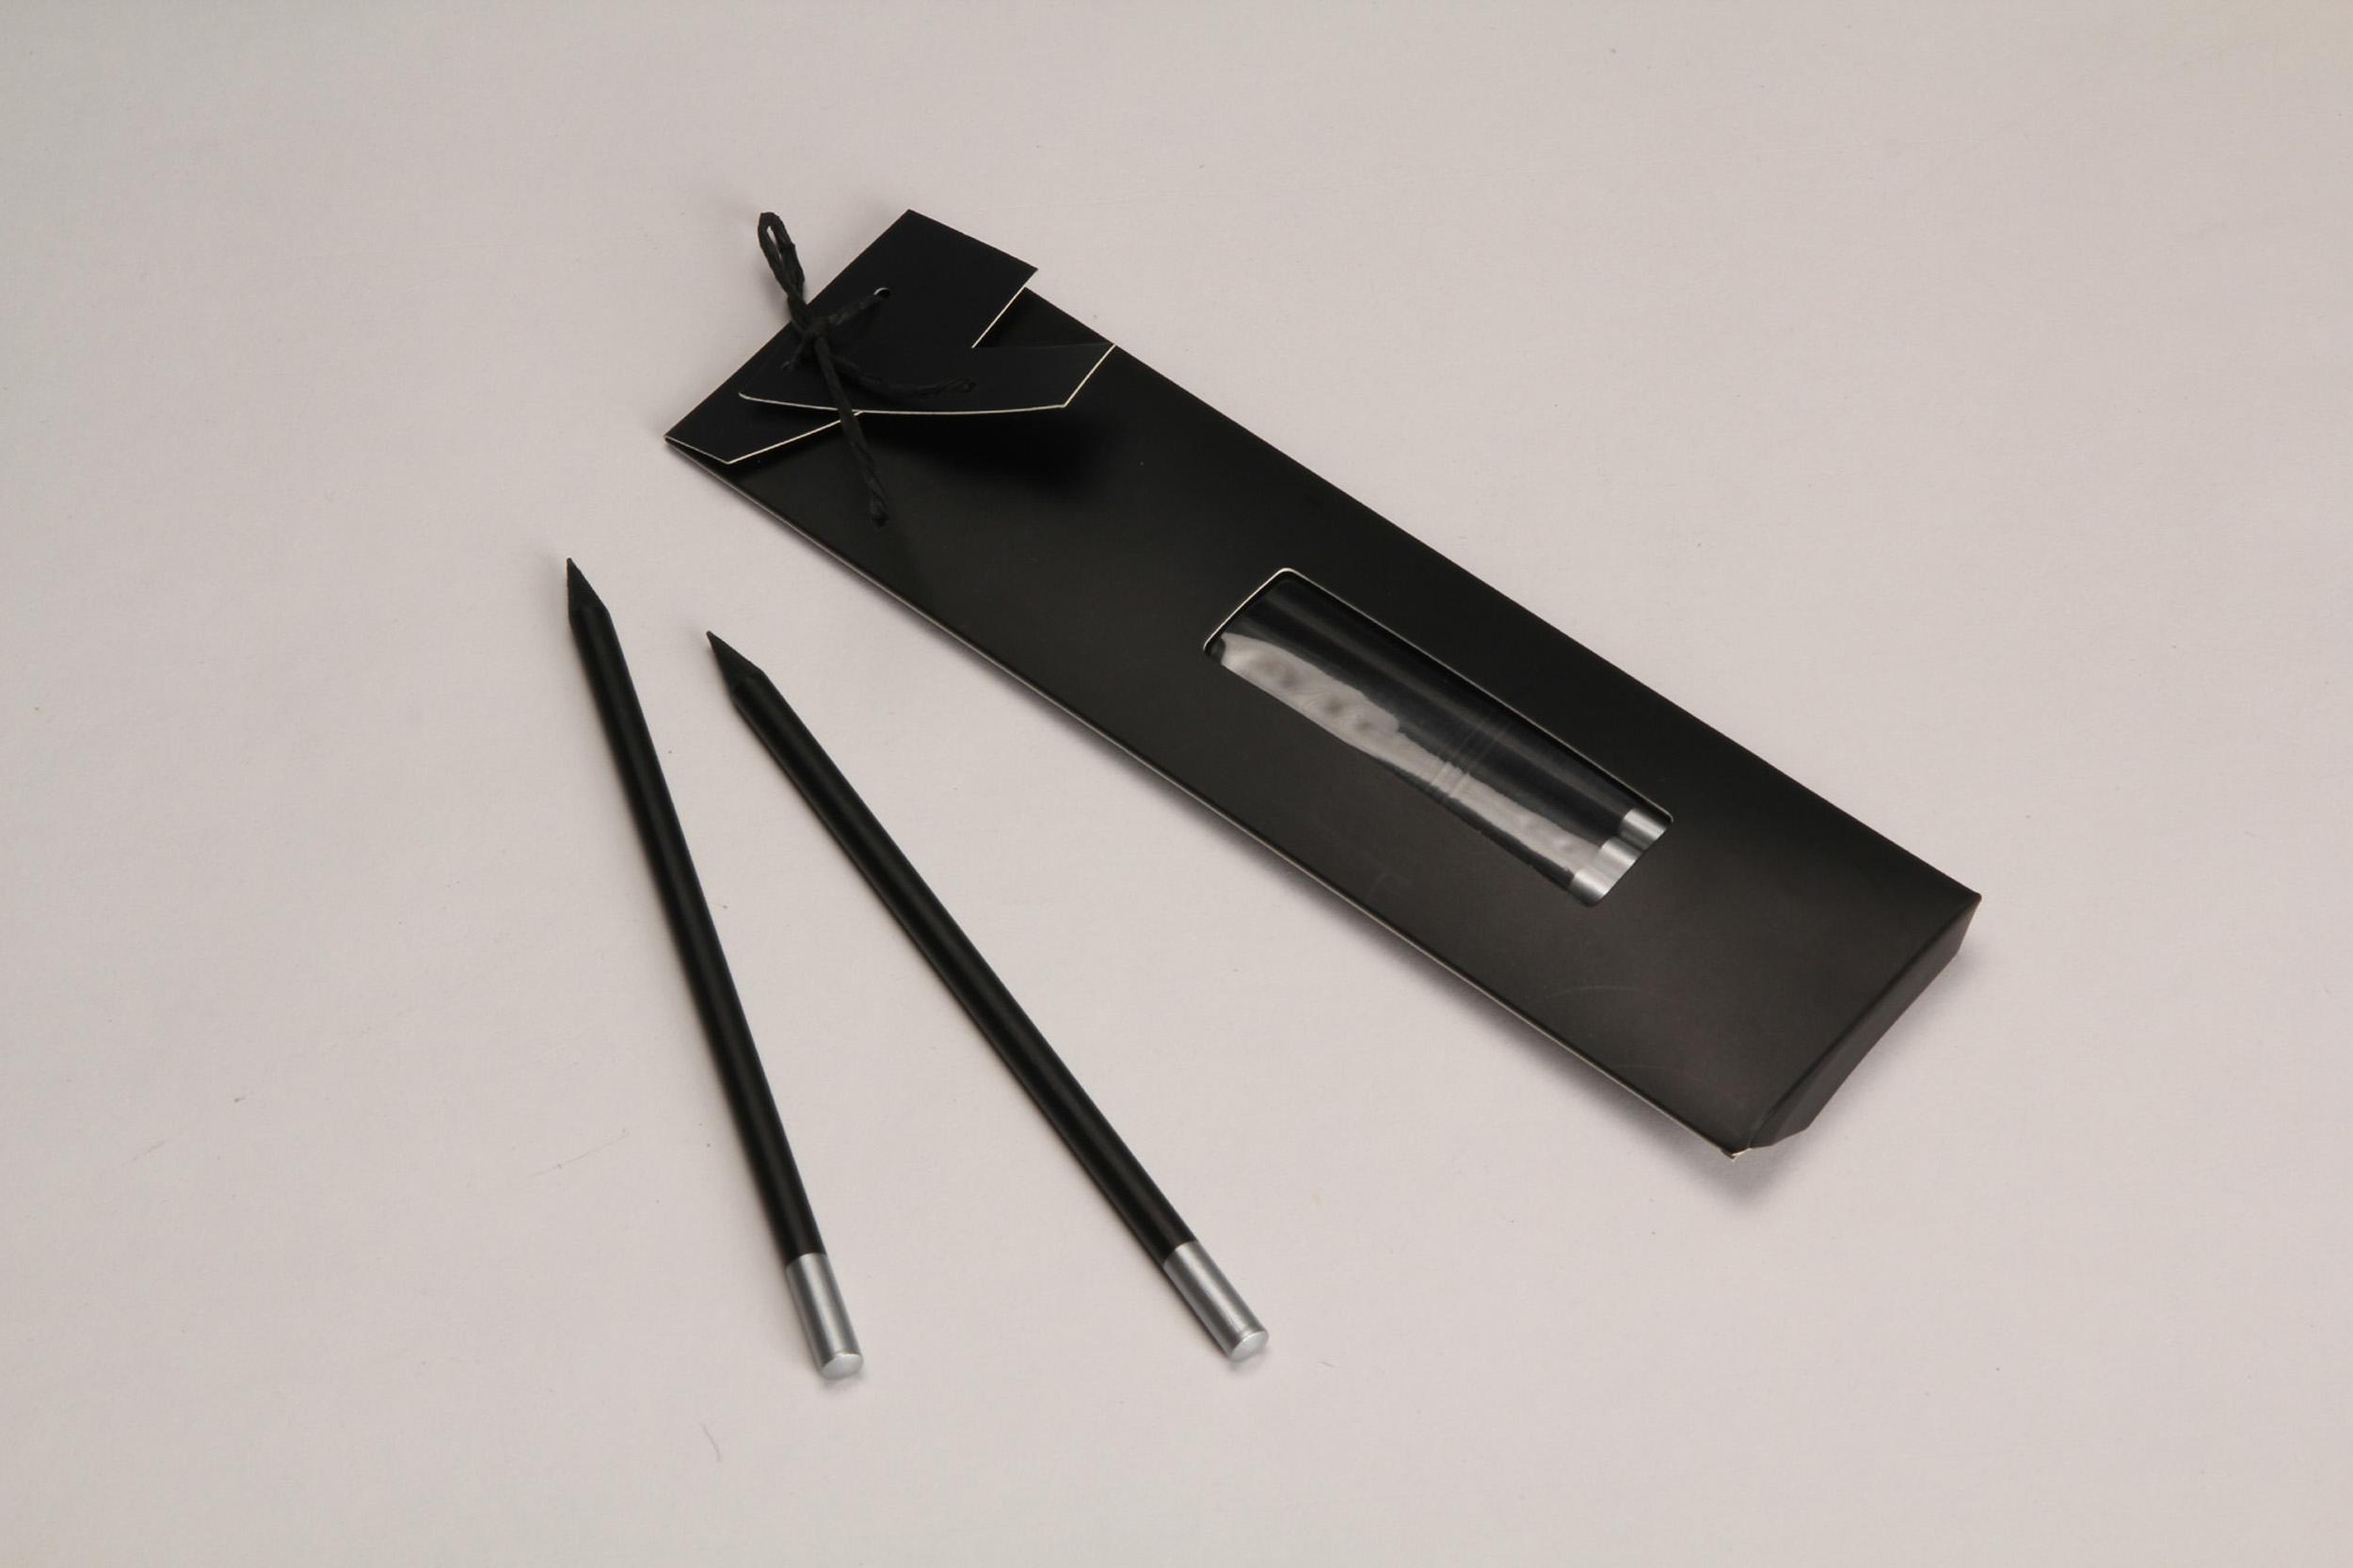 Promotion pencil